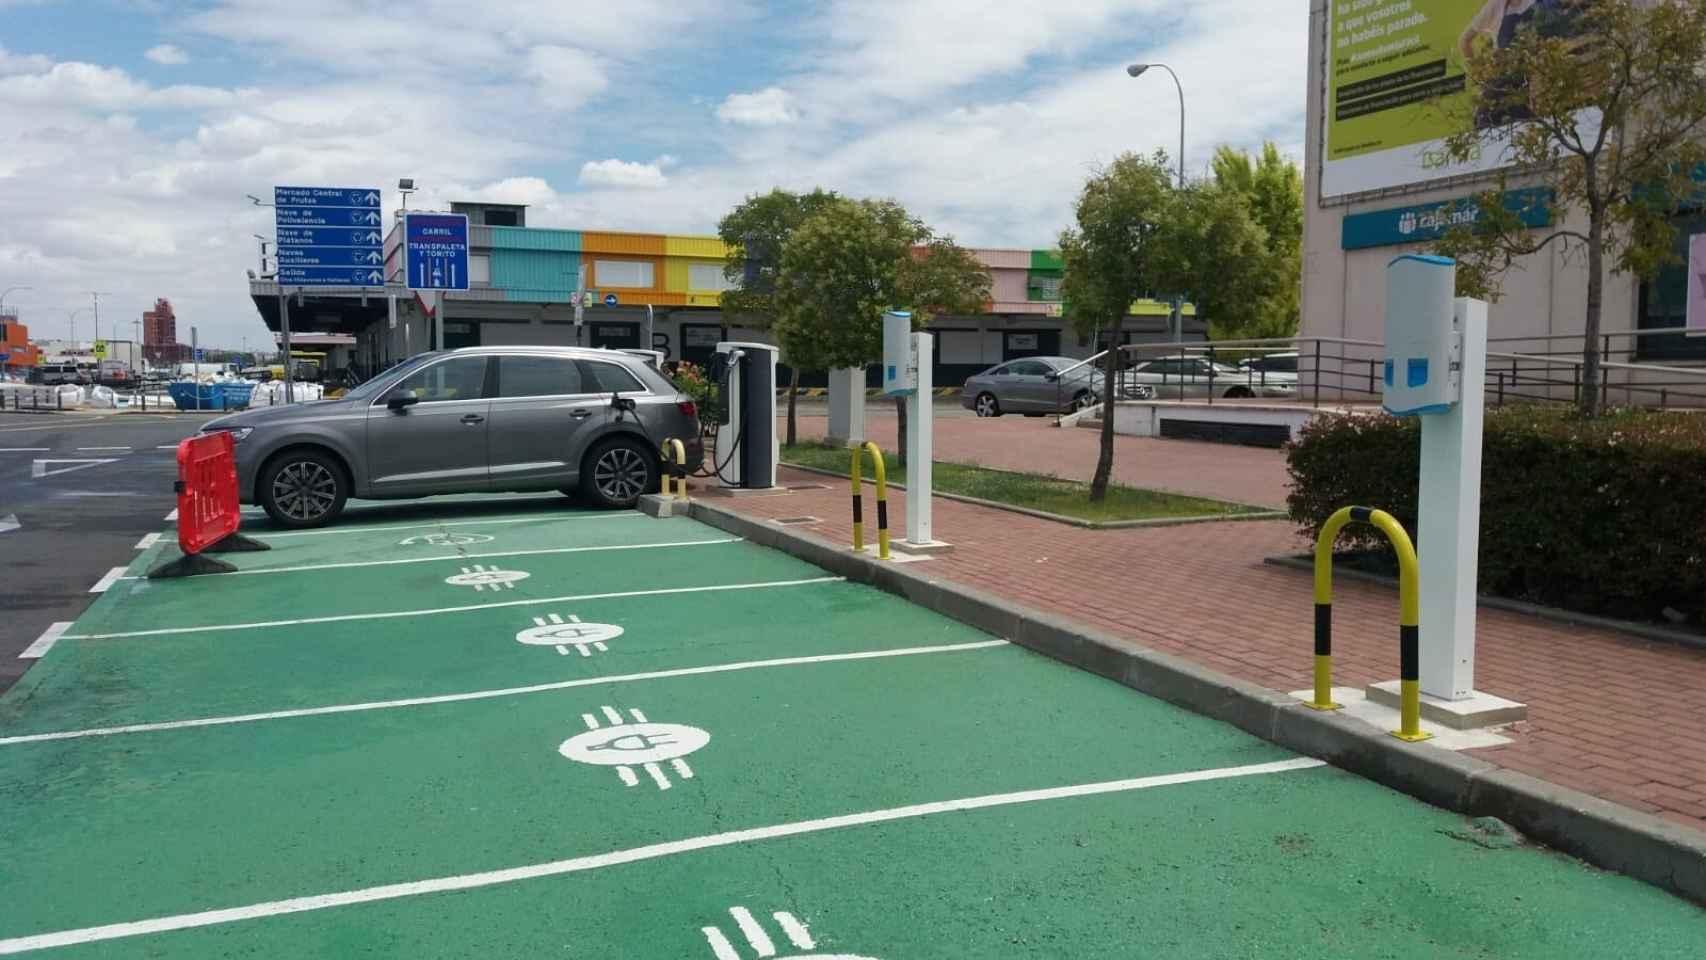 Puntos de recarga para coches eléctricos en Mercamadrid.